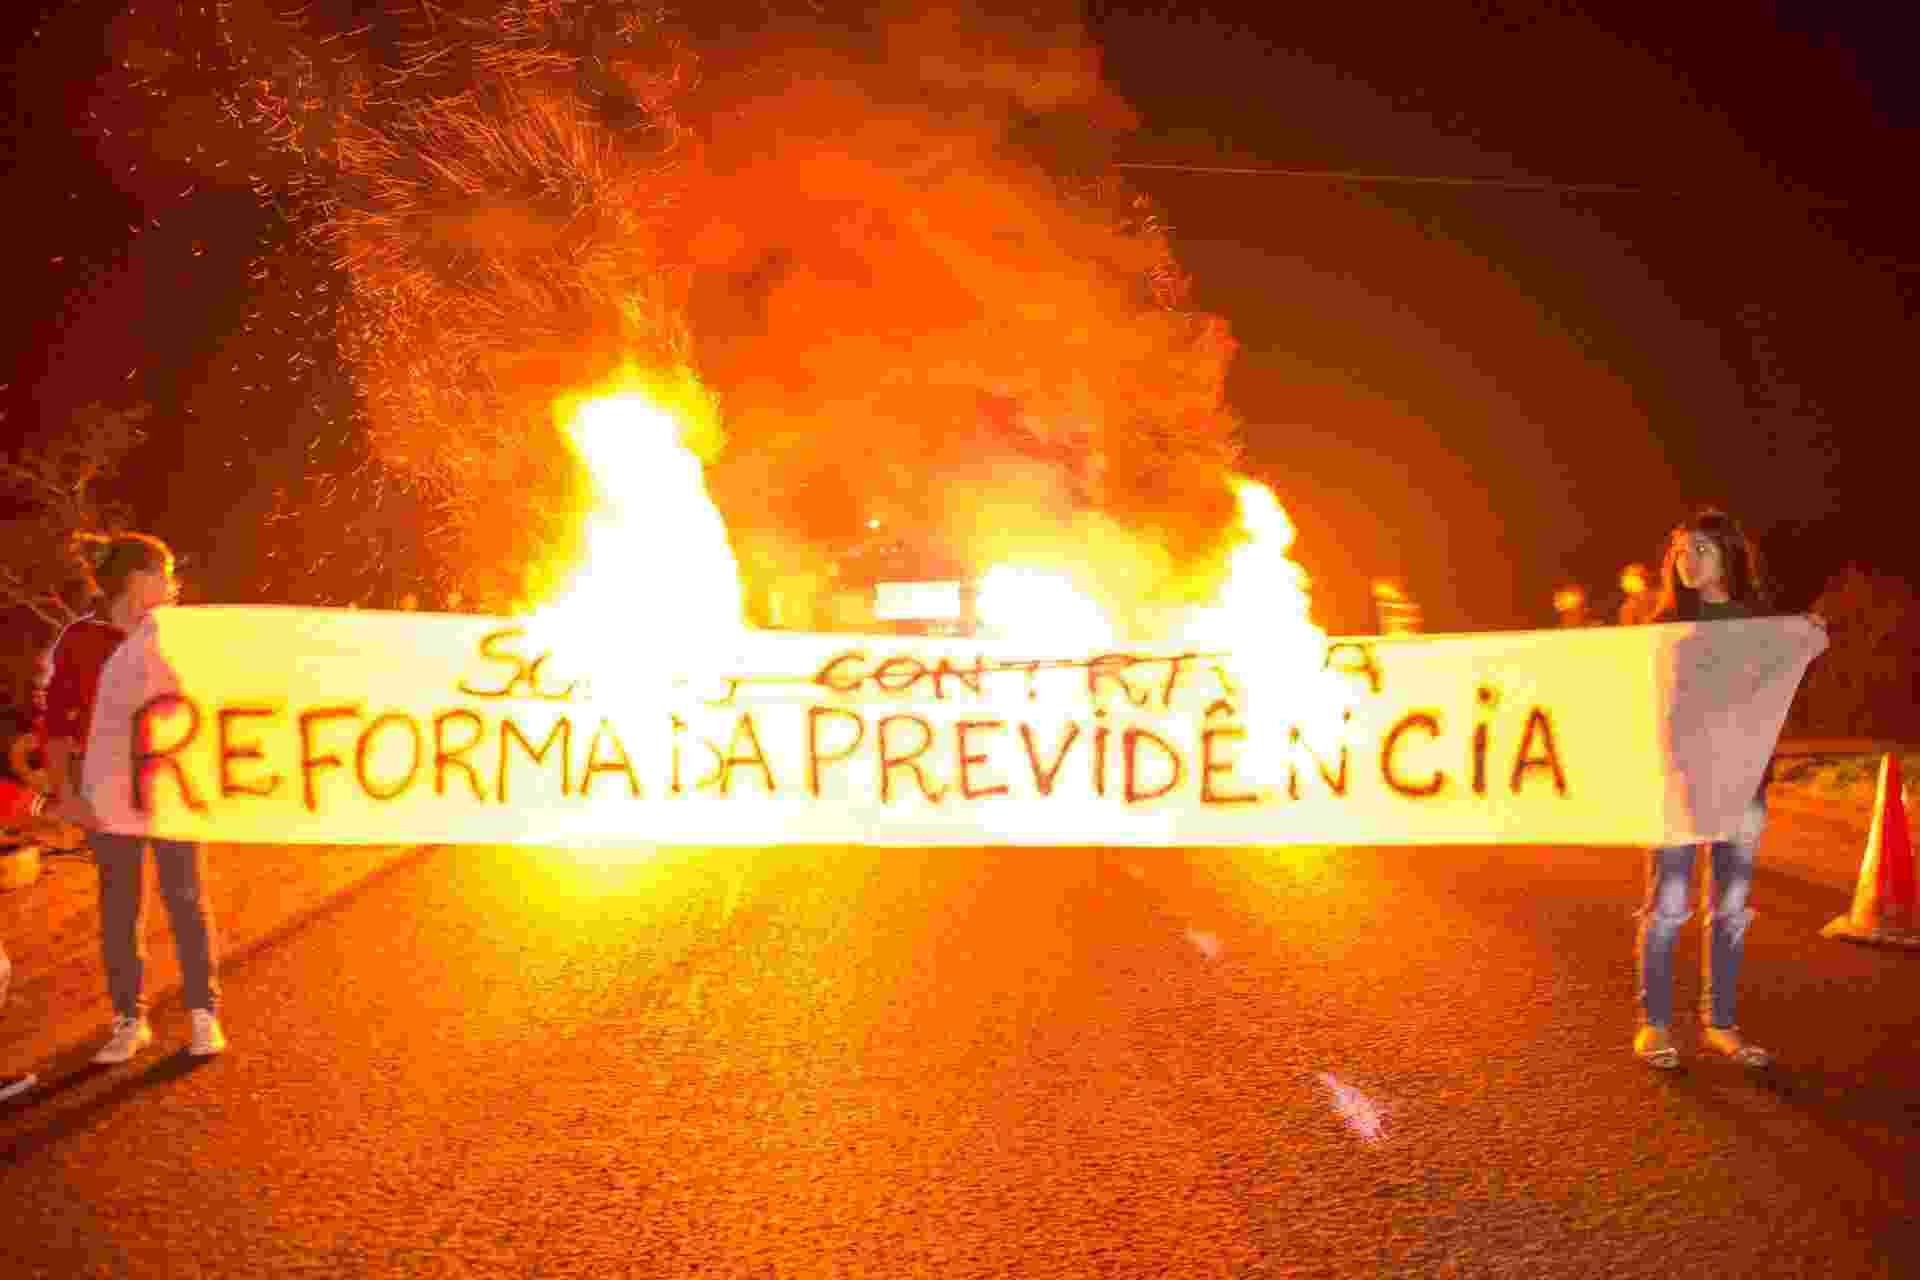 Militantes do MST bloqueiam a BR 290, no km 124, em Porto Alegre (RS), causando enorme congestionamento, durante greve geral convocada por sindicatos contra a Reforma da Previdência - Eduardo Teixeira/Futura Press/Estadão Conteúdo